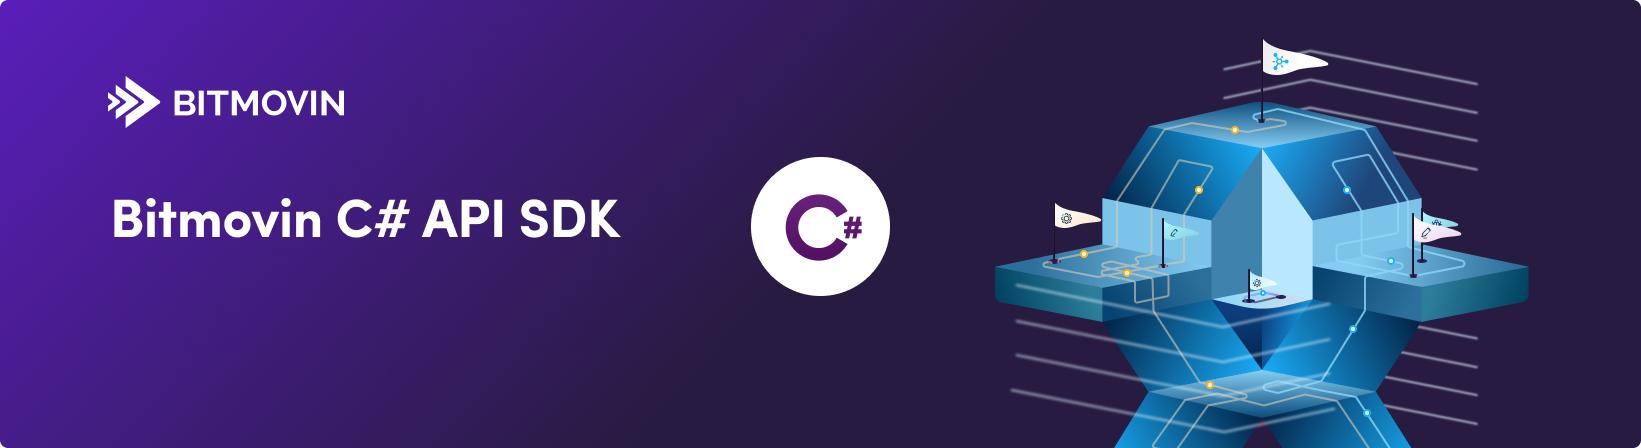 Bitmovin C# API SDK Header